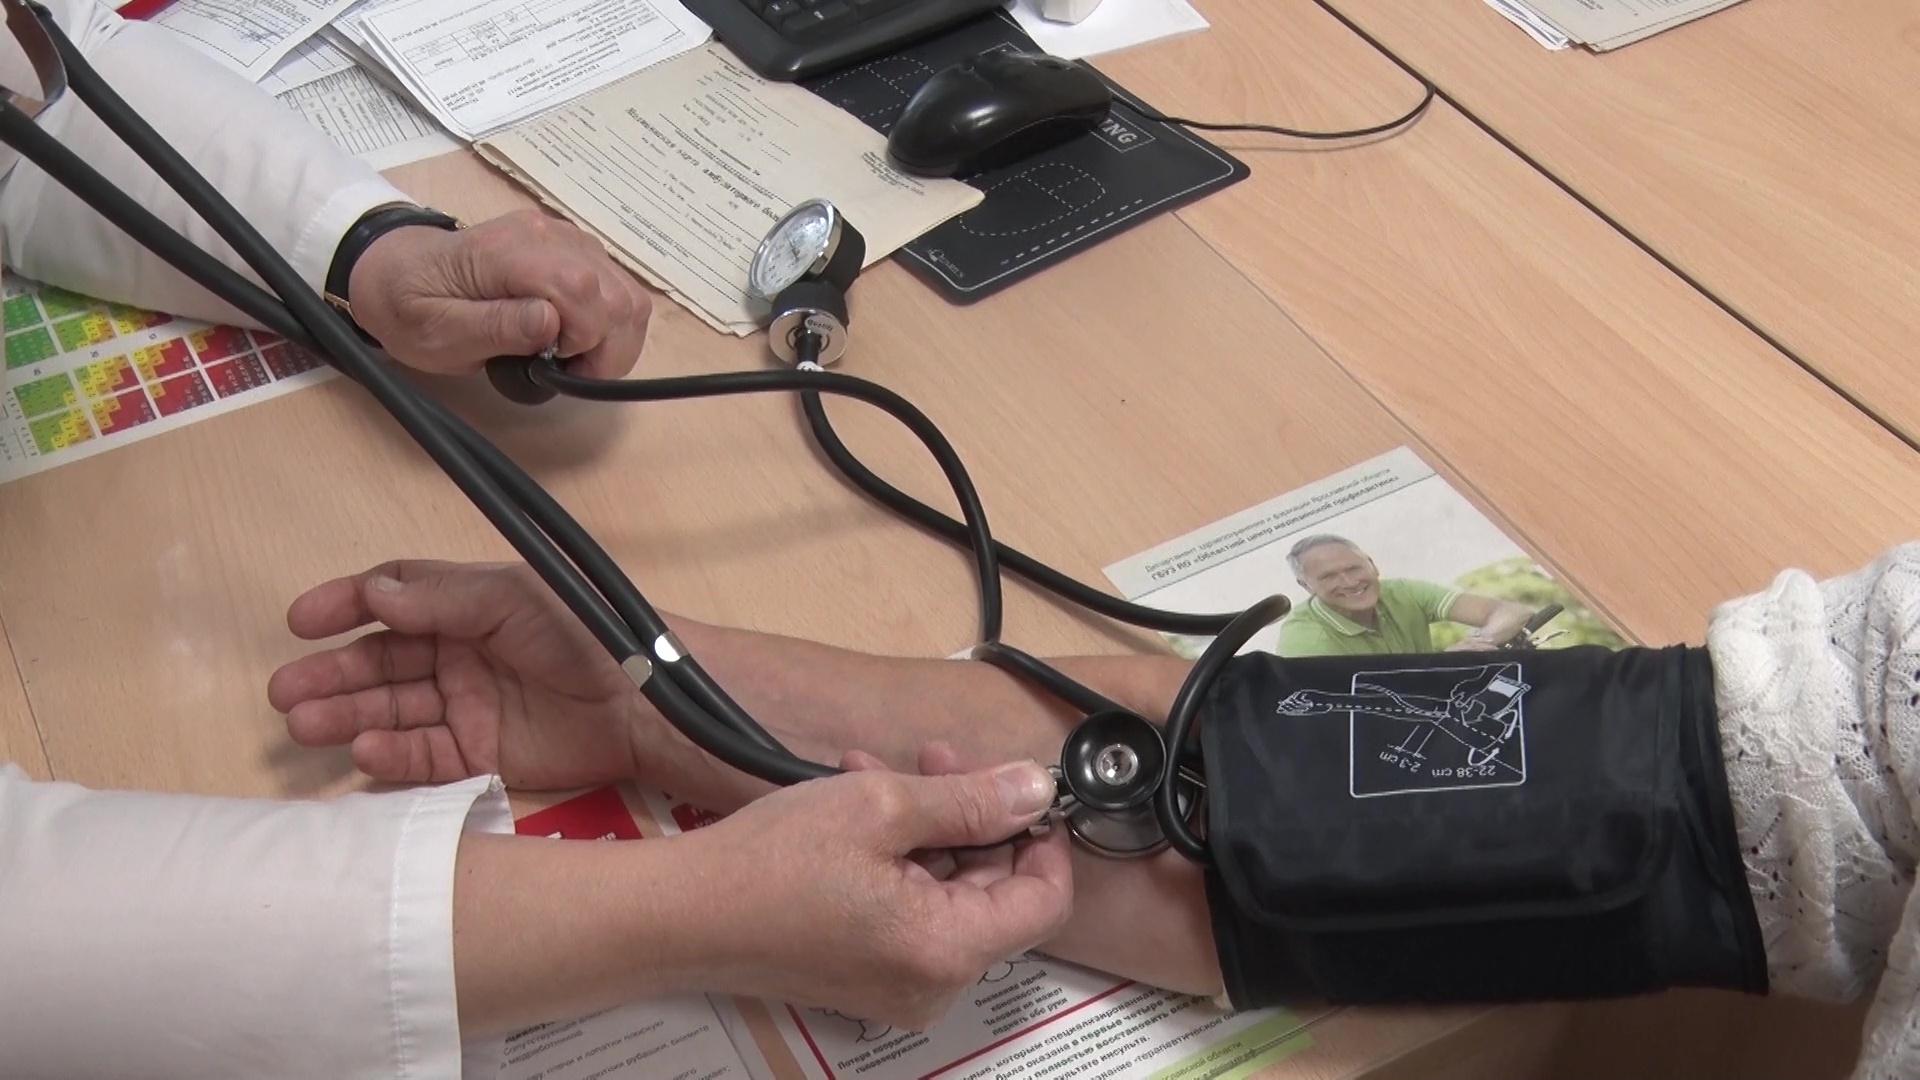 Ярославские медики, заразившиеся коронавирусом, уже получили страховые выплаты на общую сумму около 14 миллионов рублей